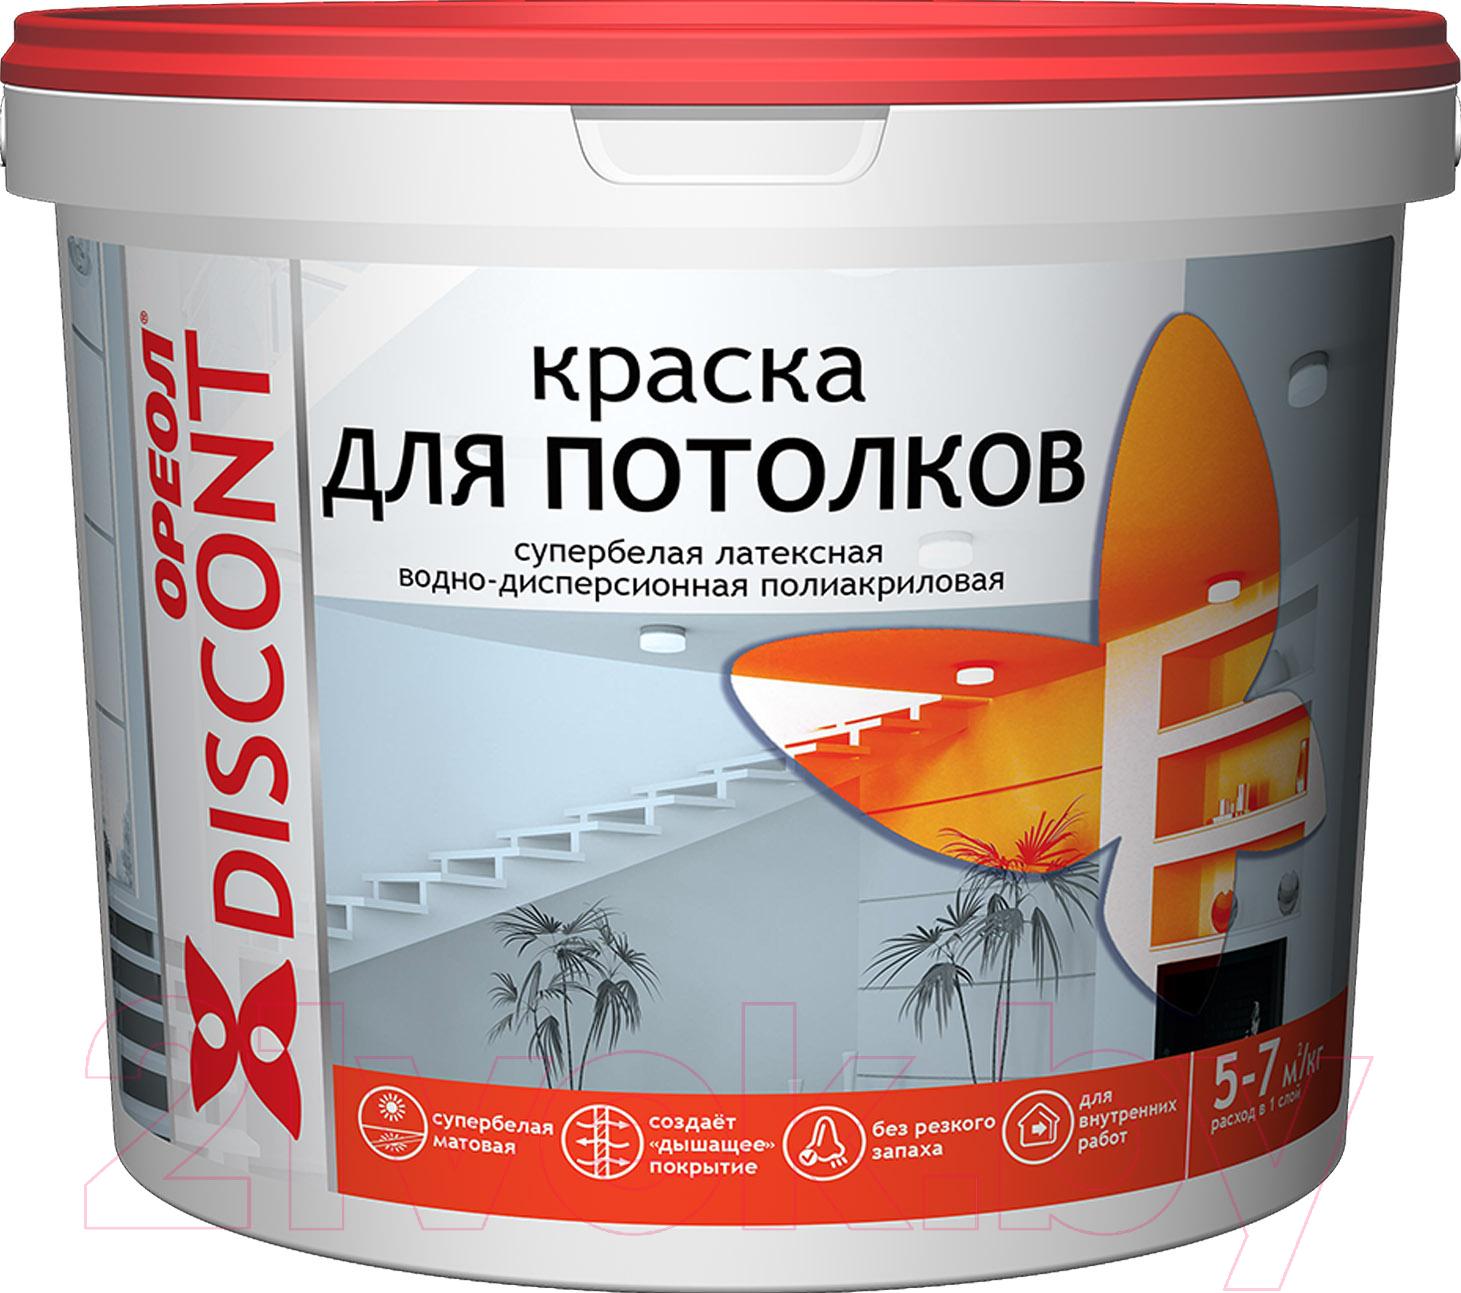 Купить Краска Ореол, Дисконт для потолков (3кг, супербелый матовый), Россия